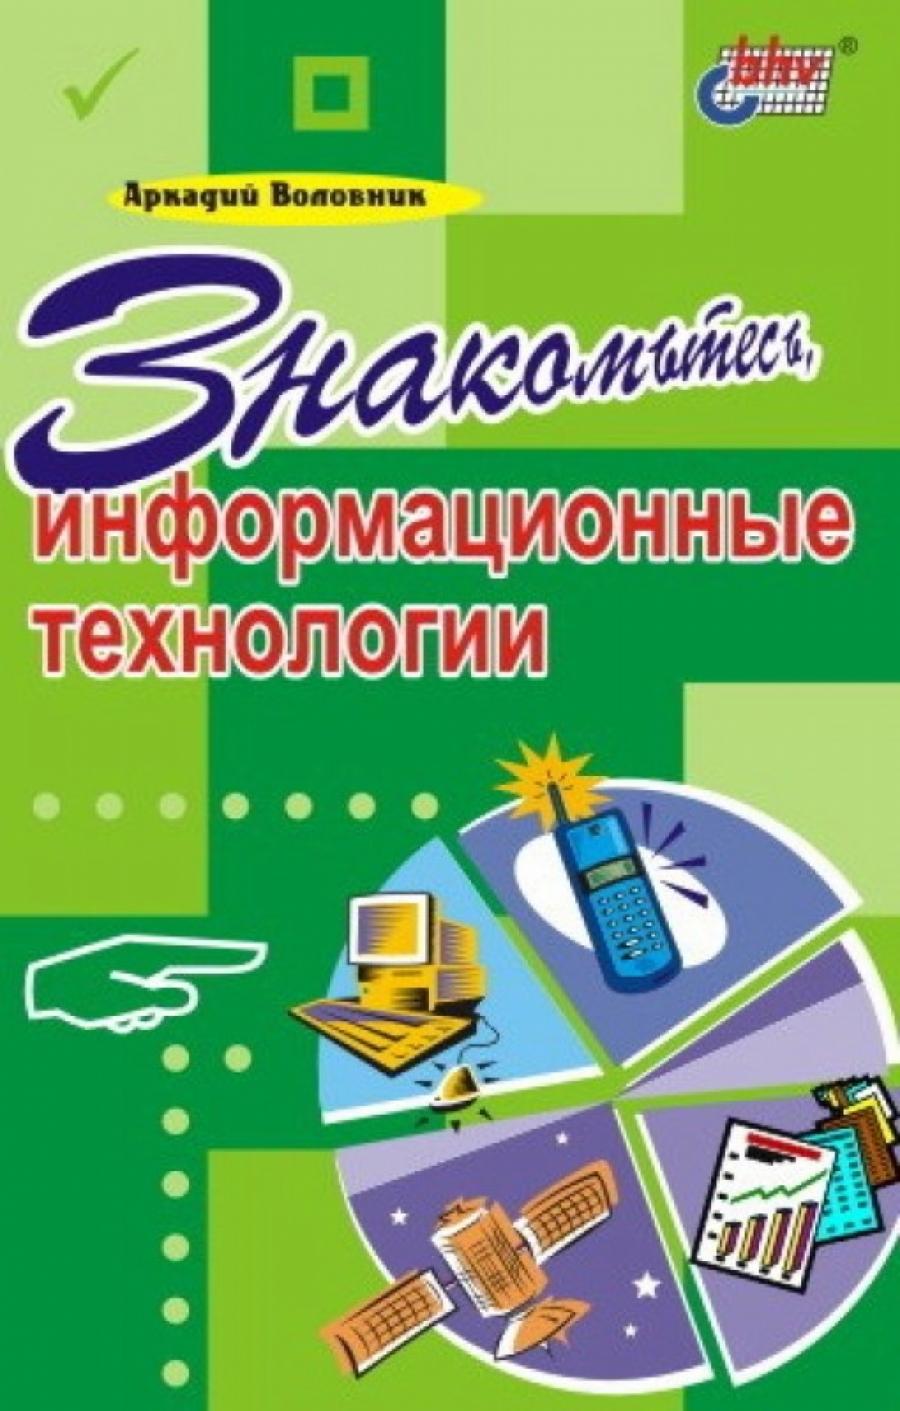 Обложка книги:  воловник а. - знакомьтесь, информационные технологии